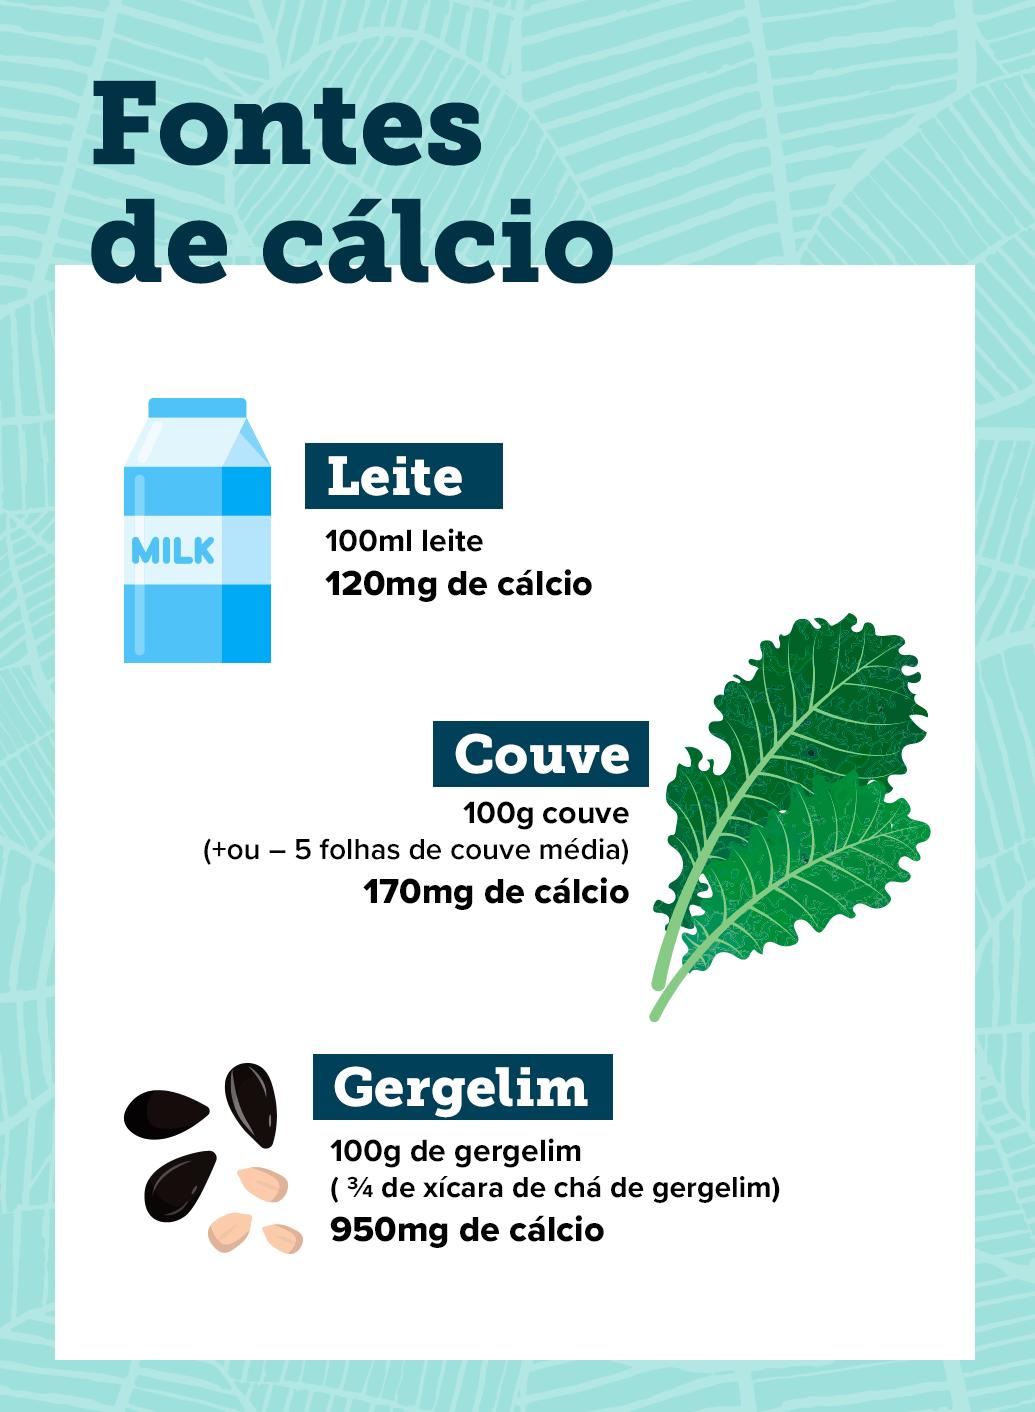 arte comparando a quantidade de cálcio no leite, couve e gergelim